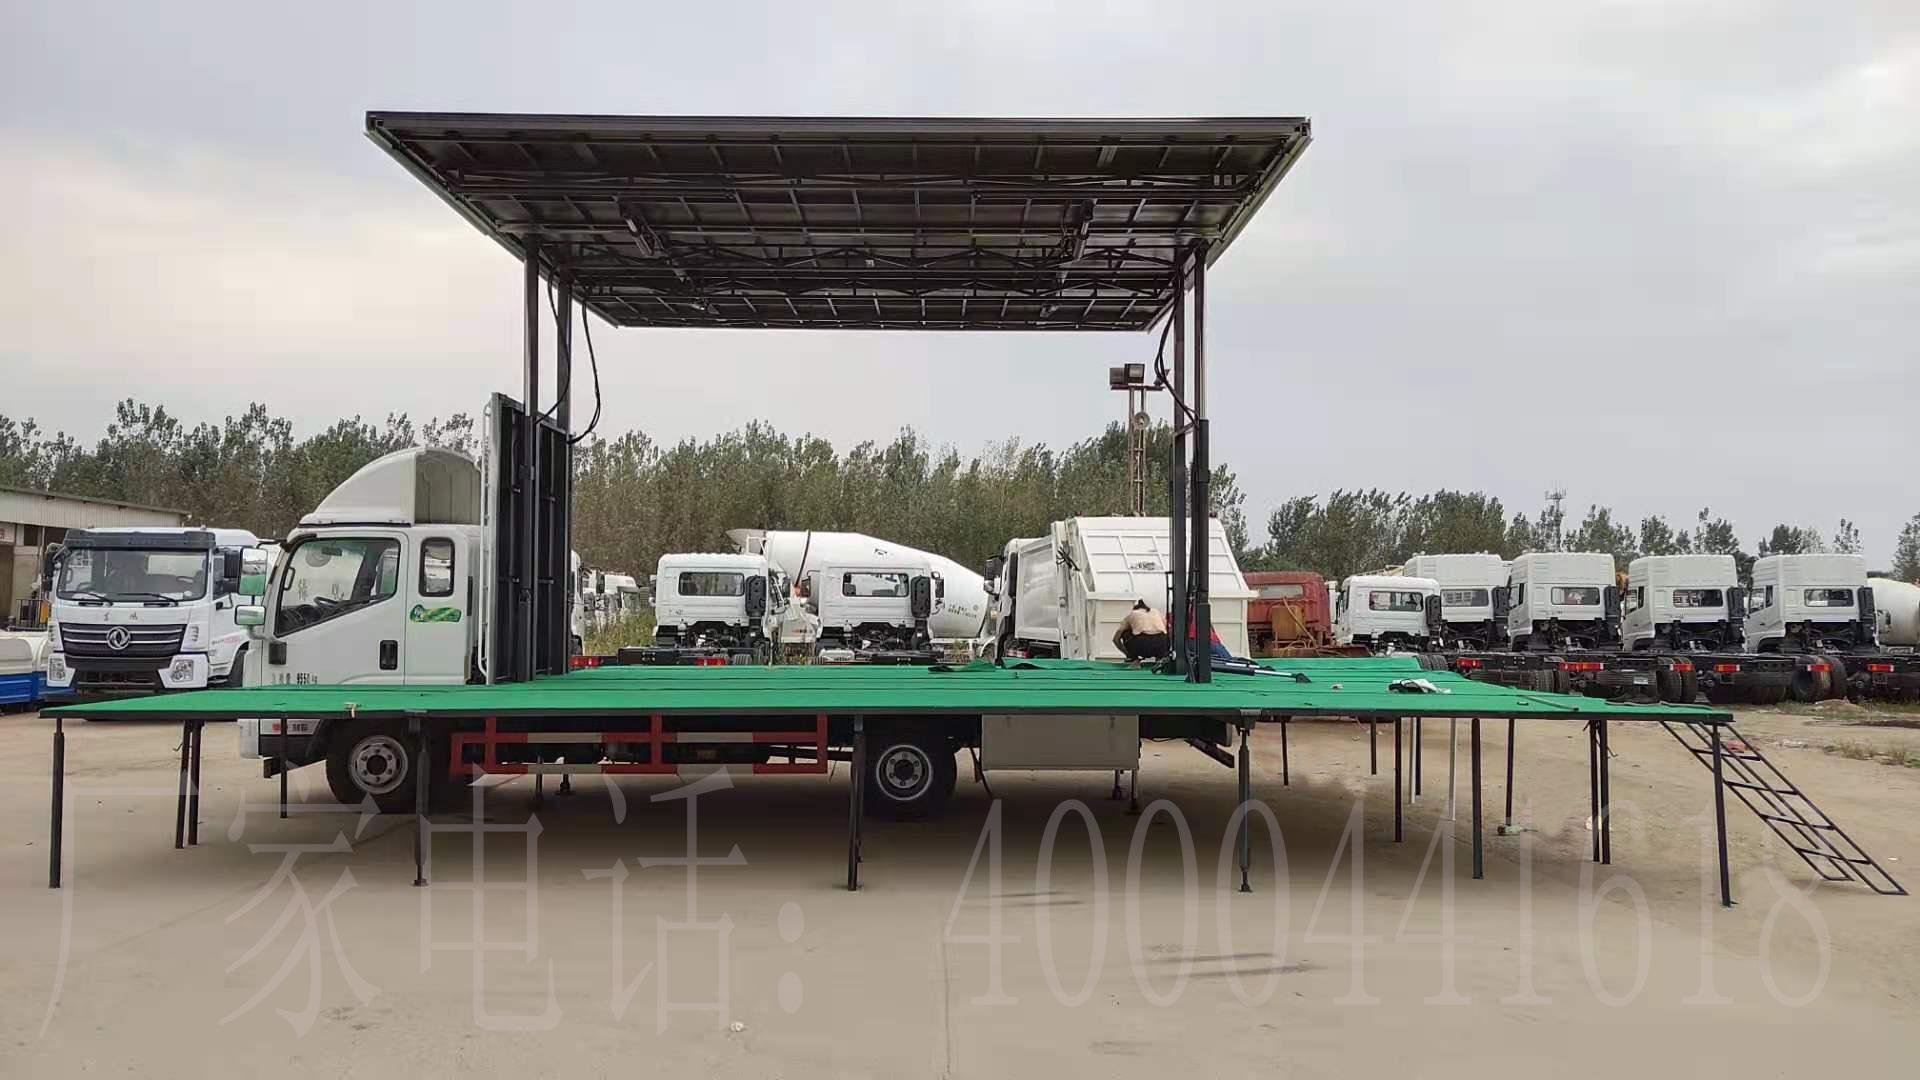 凯捷牌6.2米80平米流动舞台车图片